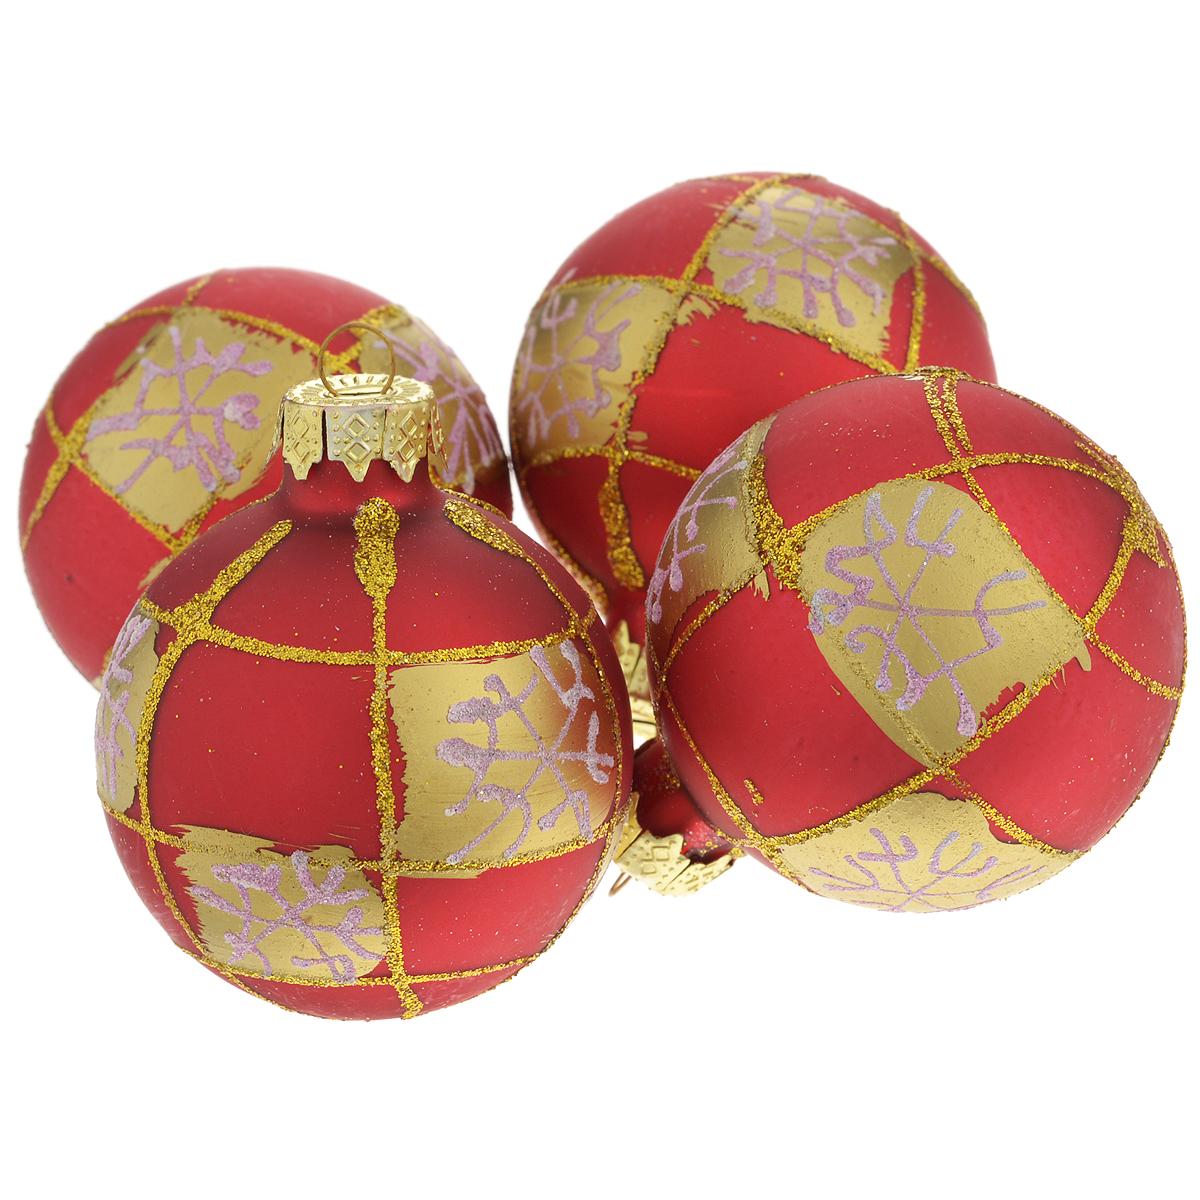 Набор елочных украшений Шар, цвет: красный, желтый, диаметр 6 см, 4 шт34493Набор новогодних подвесных украшений Шар прекрасно подойдет для праздничного декора новогодней ели. Состоит из четырех шаров. Елочная игрушка - символ Нового года. Она несет в себе волшебство и красоту праздника. Создайте в своем доме атмосферу веселья и радости, украшая новогоднюю елку нарядными игрушками, которые будут из года в год накапливать теплоту воспоминаний. Коллекция декоративных украшений принесет в ваш дом ни с чем несравнимое ощущение волшебства! Откройте для себя удивительный мир сказок и грез. Почувствуйте волшебные минуты ожидания праздника, создайте новогоднее настроение вашим дорогим и близким.